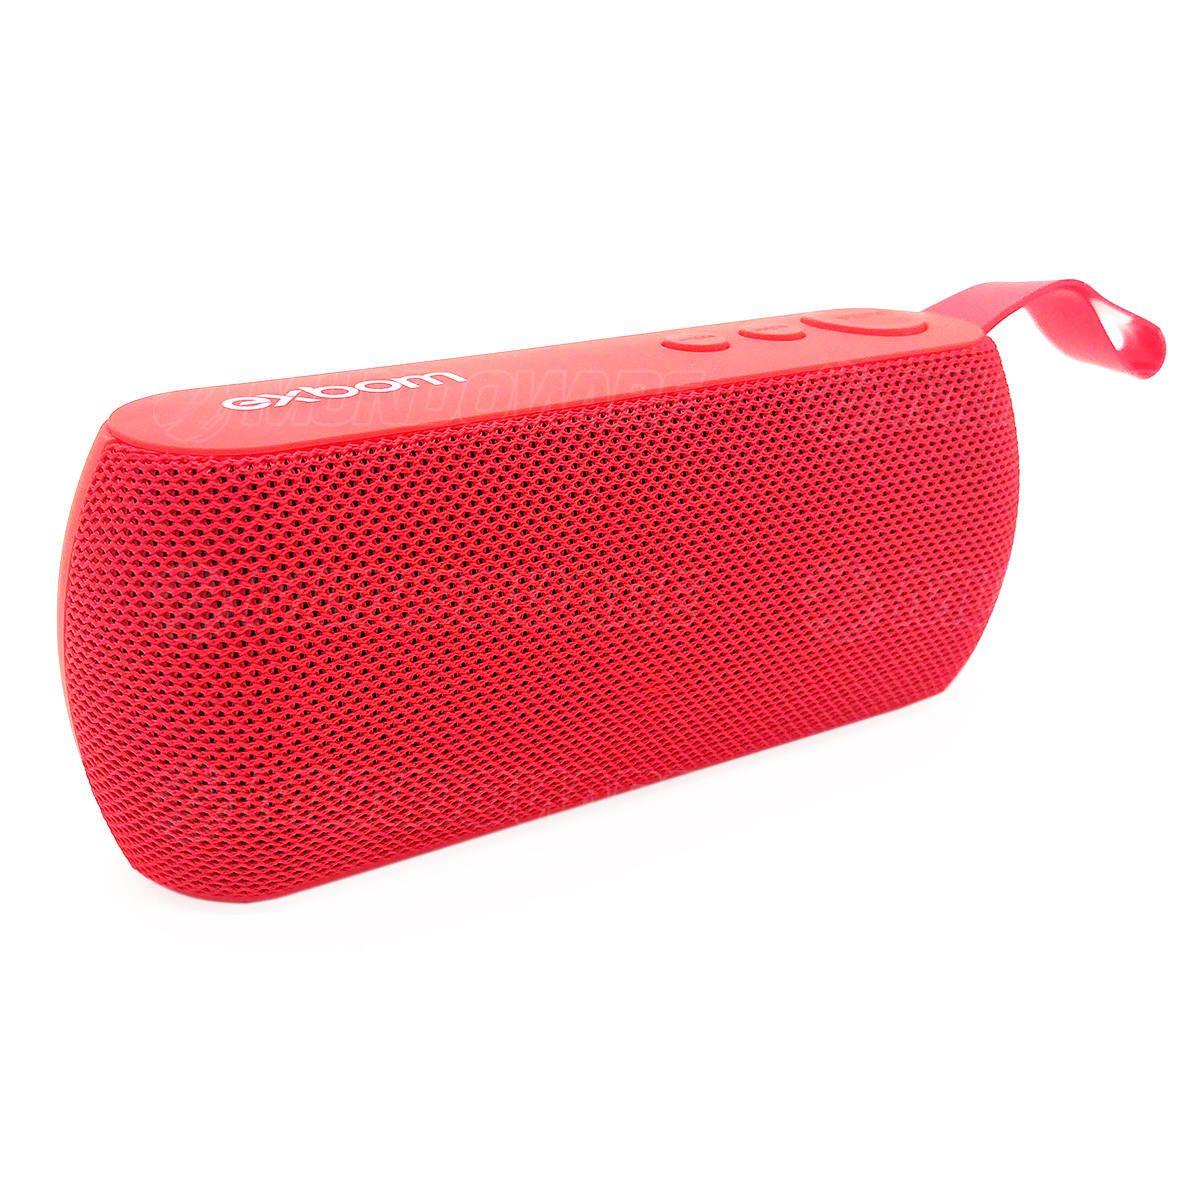 Caixa de Som Bluetooth Portátil 3W com Rádio FM USB Micro SD Auxiliar Microfone Embutido Exbom CS-M29BT Vermelha